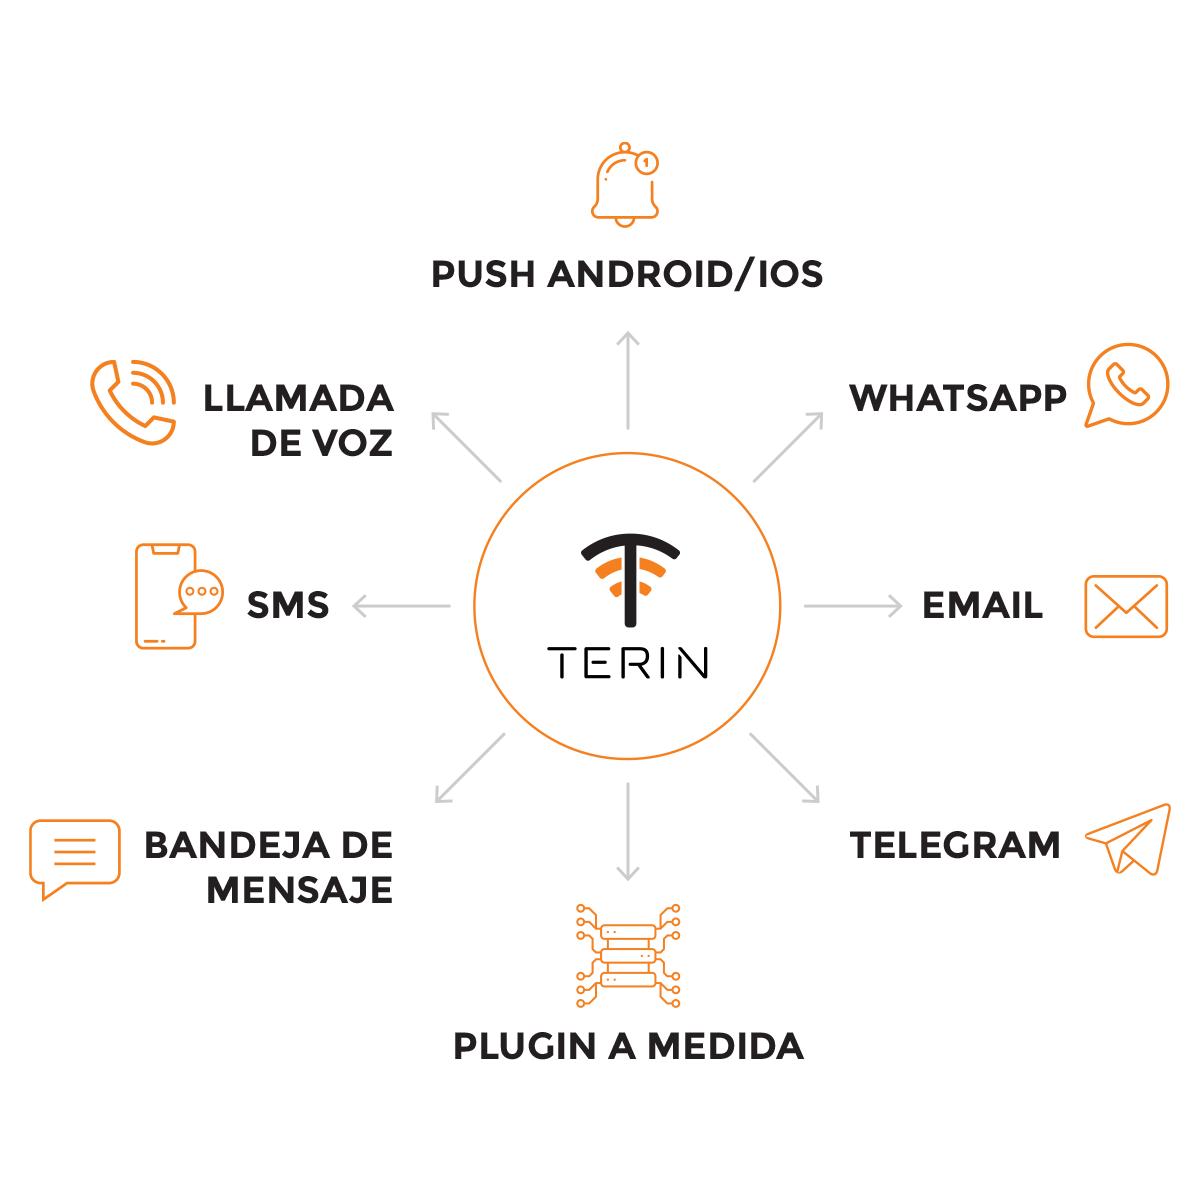 Terin, la plataforma que gestiona las comunicaciones para optimizar negocios